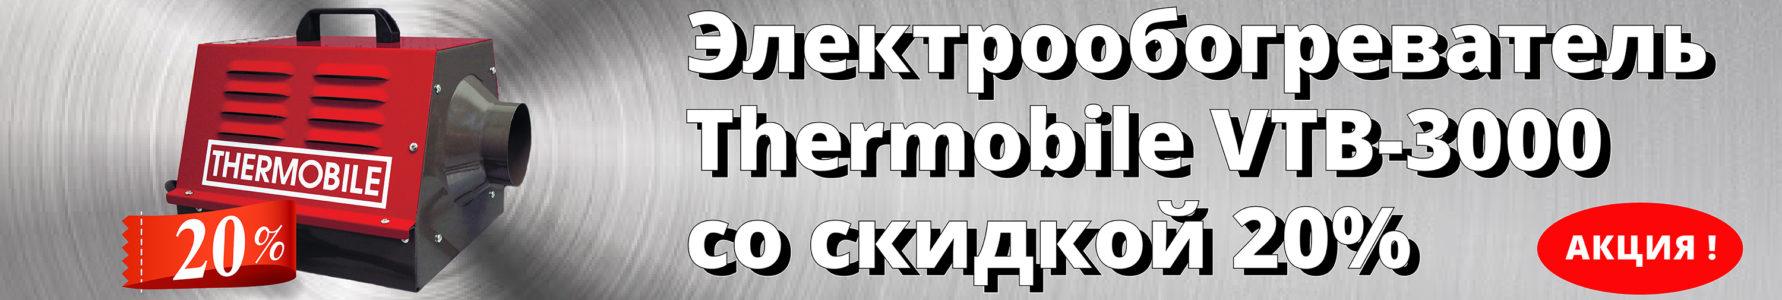 Электрообогреватель по супер-цене!